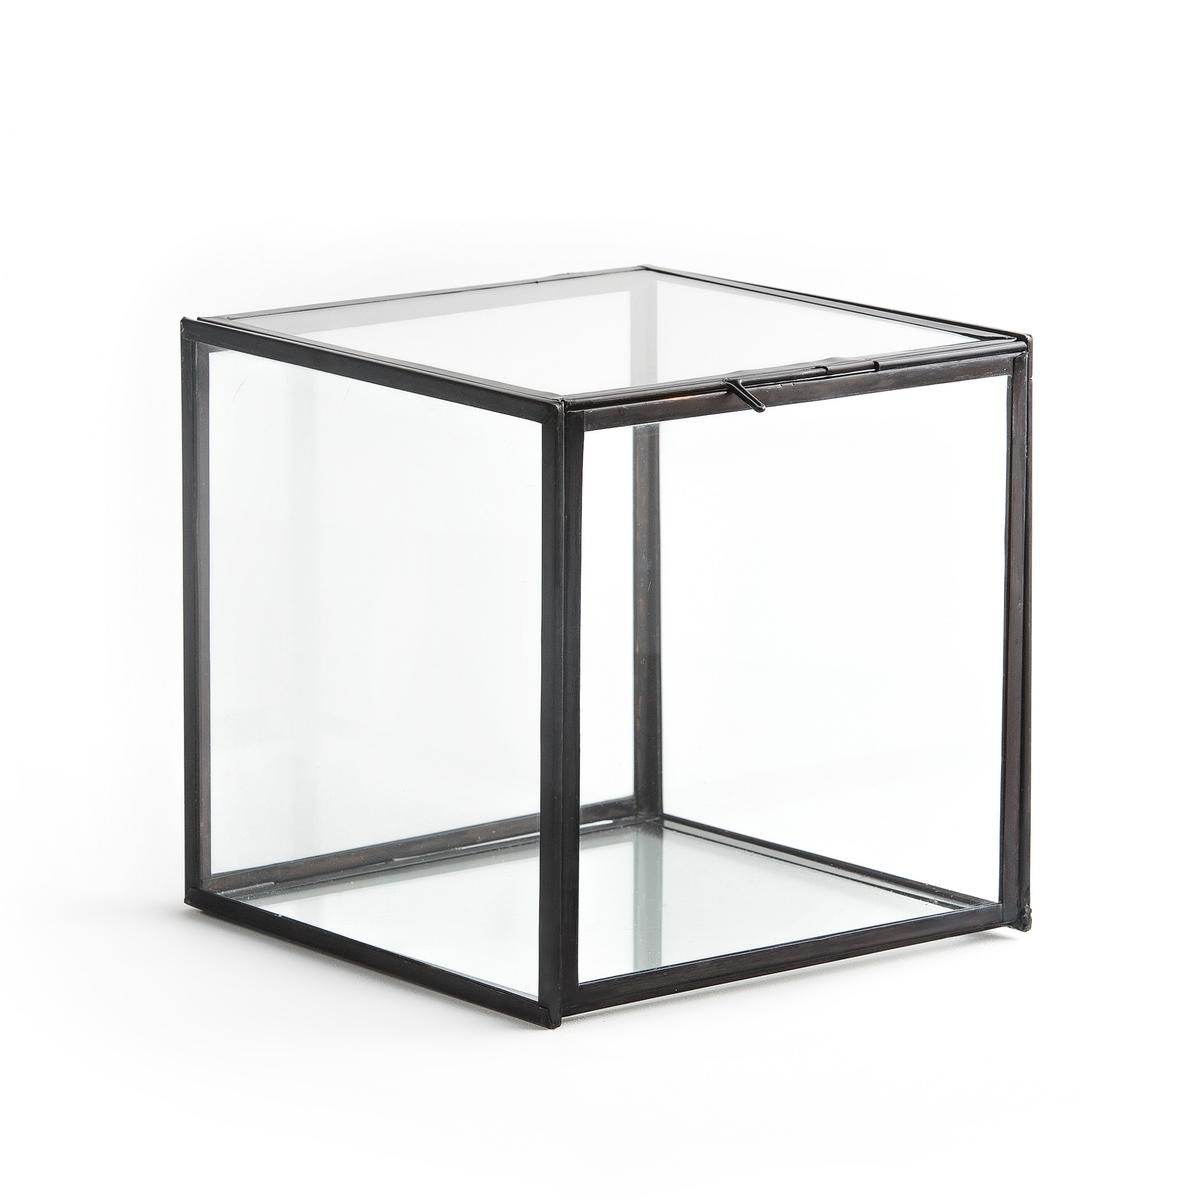 Коробка-витрина, MisiaКоробка-витрина  из стекла и металла Misia . Изготовлена и собрана вручную. Мини-формат этой витрины идеален для хранения украшений или мелких предметов.Описание : - Выполнена из стекла и металла..Размеры : - Ш.20 x В.20 x Г.20 см<br><br>Цвет: черный металл<br>Размер: единый размер